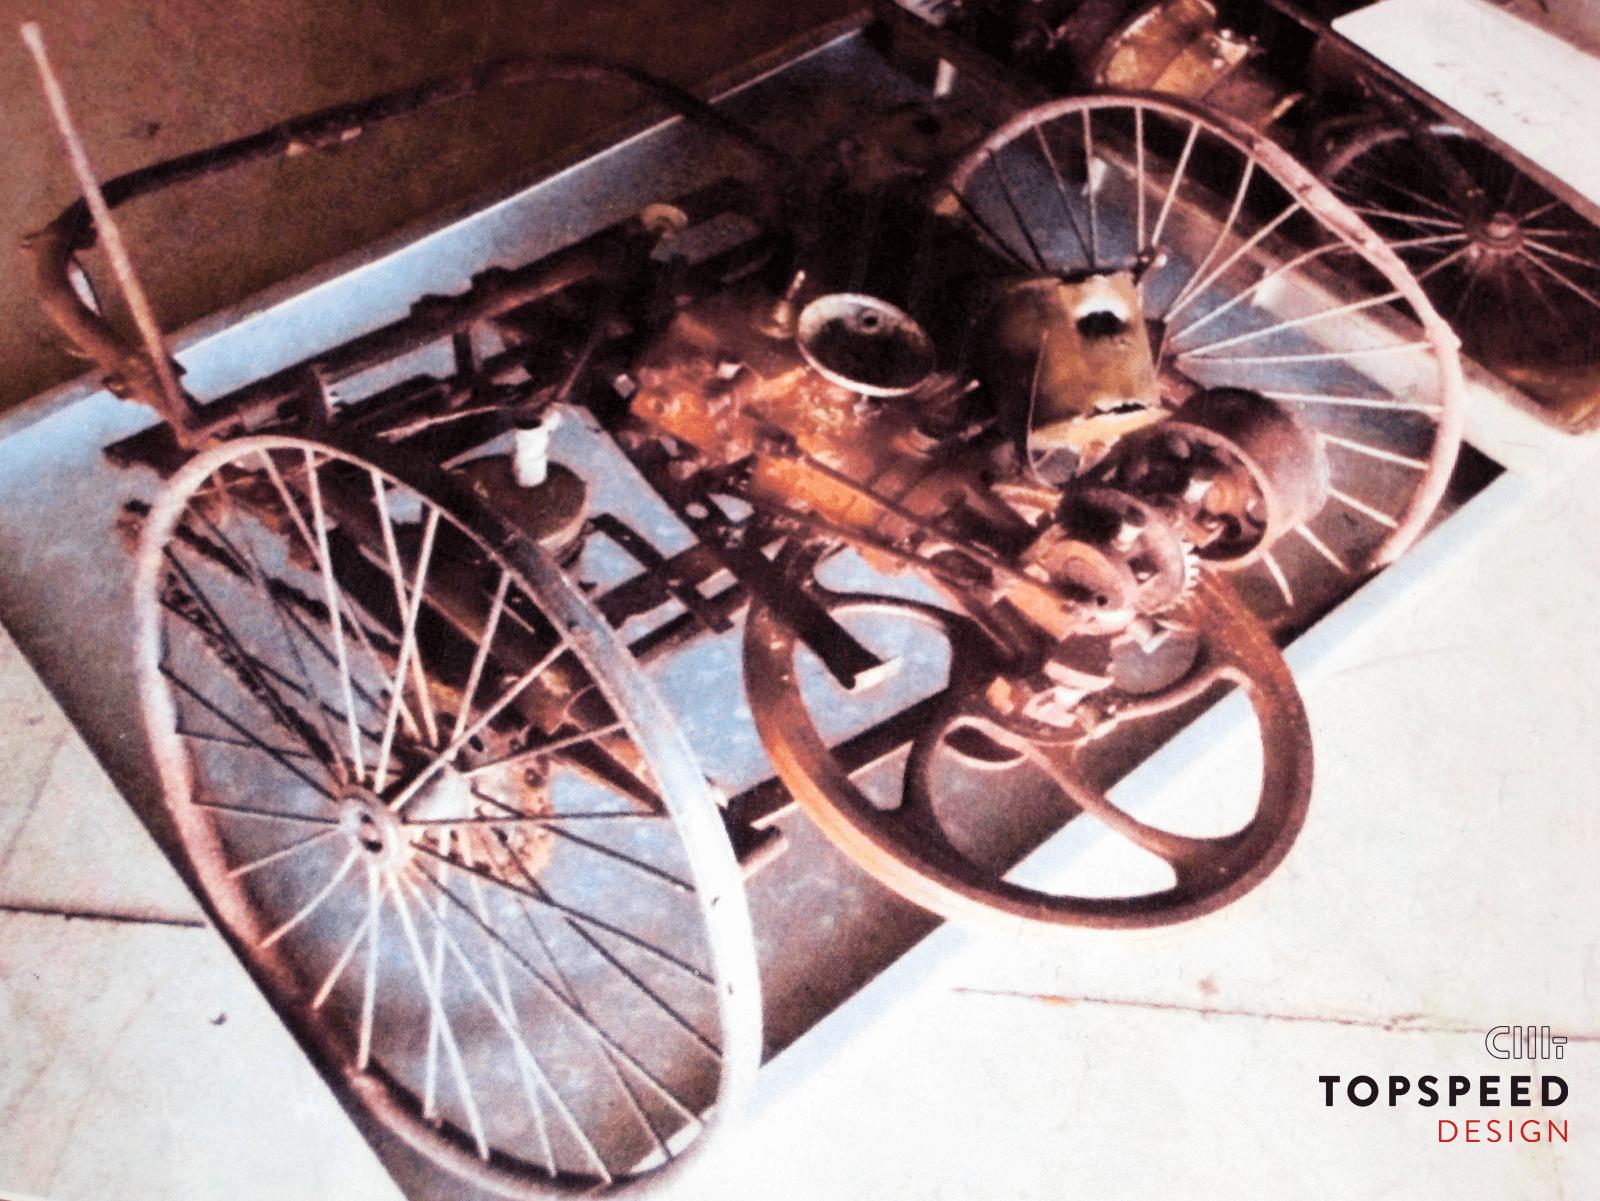 Überreste nach Museumsbrand | Topspeed Design by Bernhard Schmidt